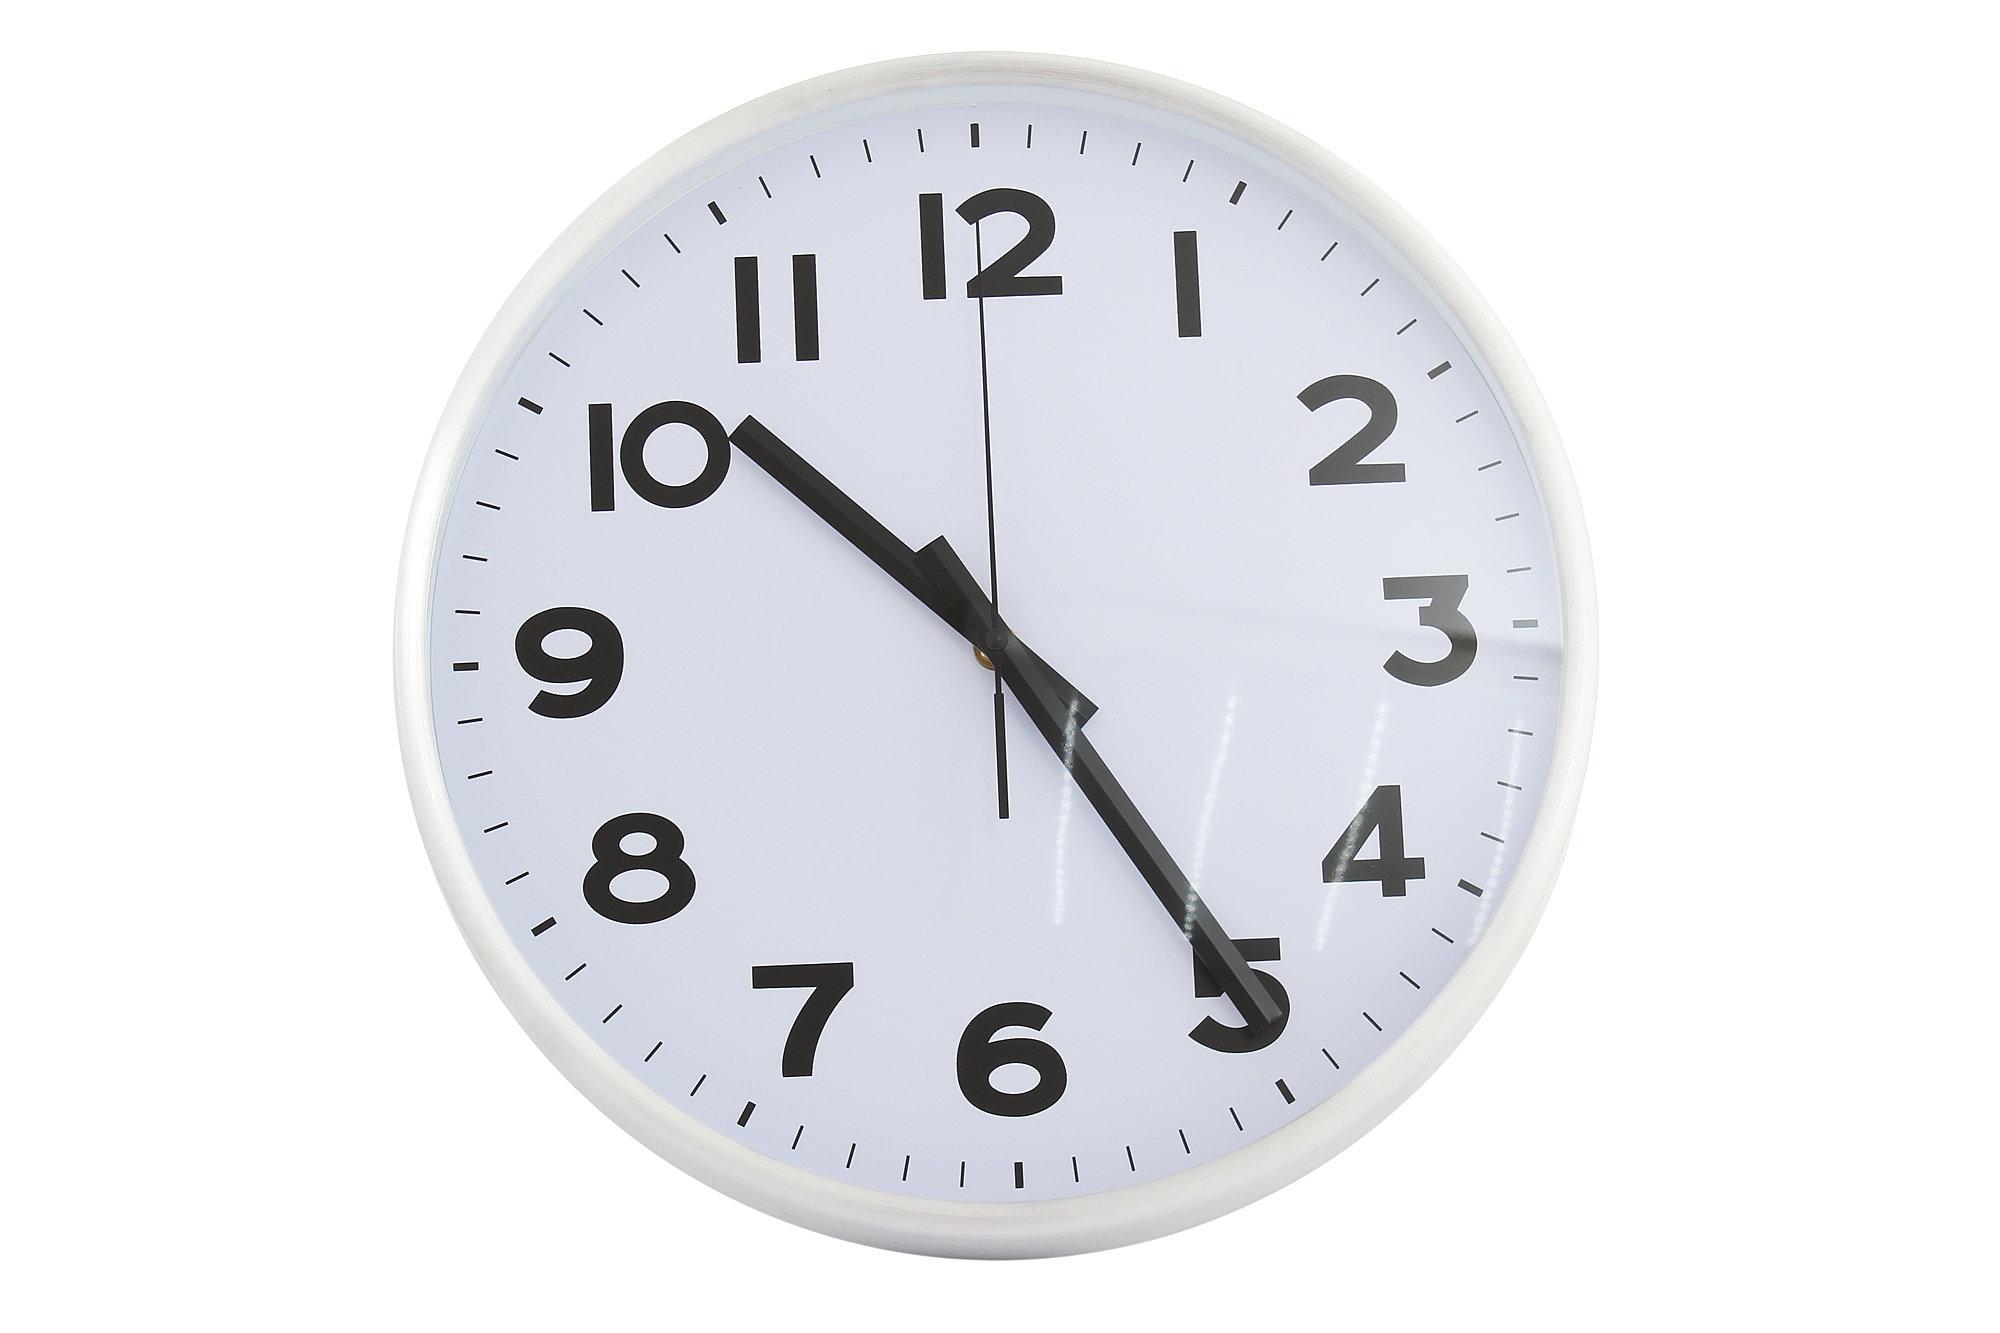 В традиционном варианте корпус настенных часов выполняется в круглой, овальной, прямоугольной или квадратной форме.